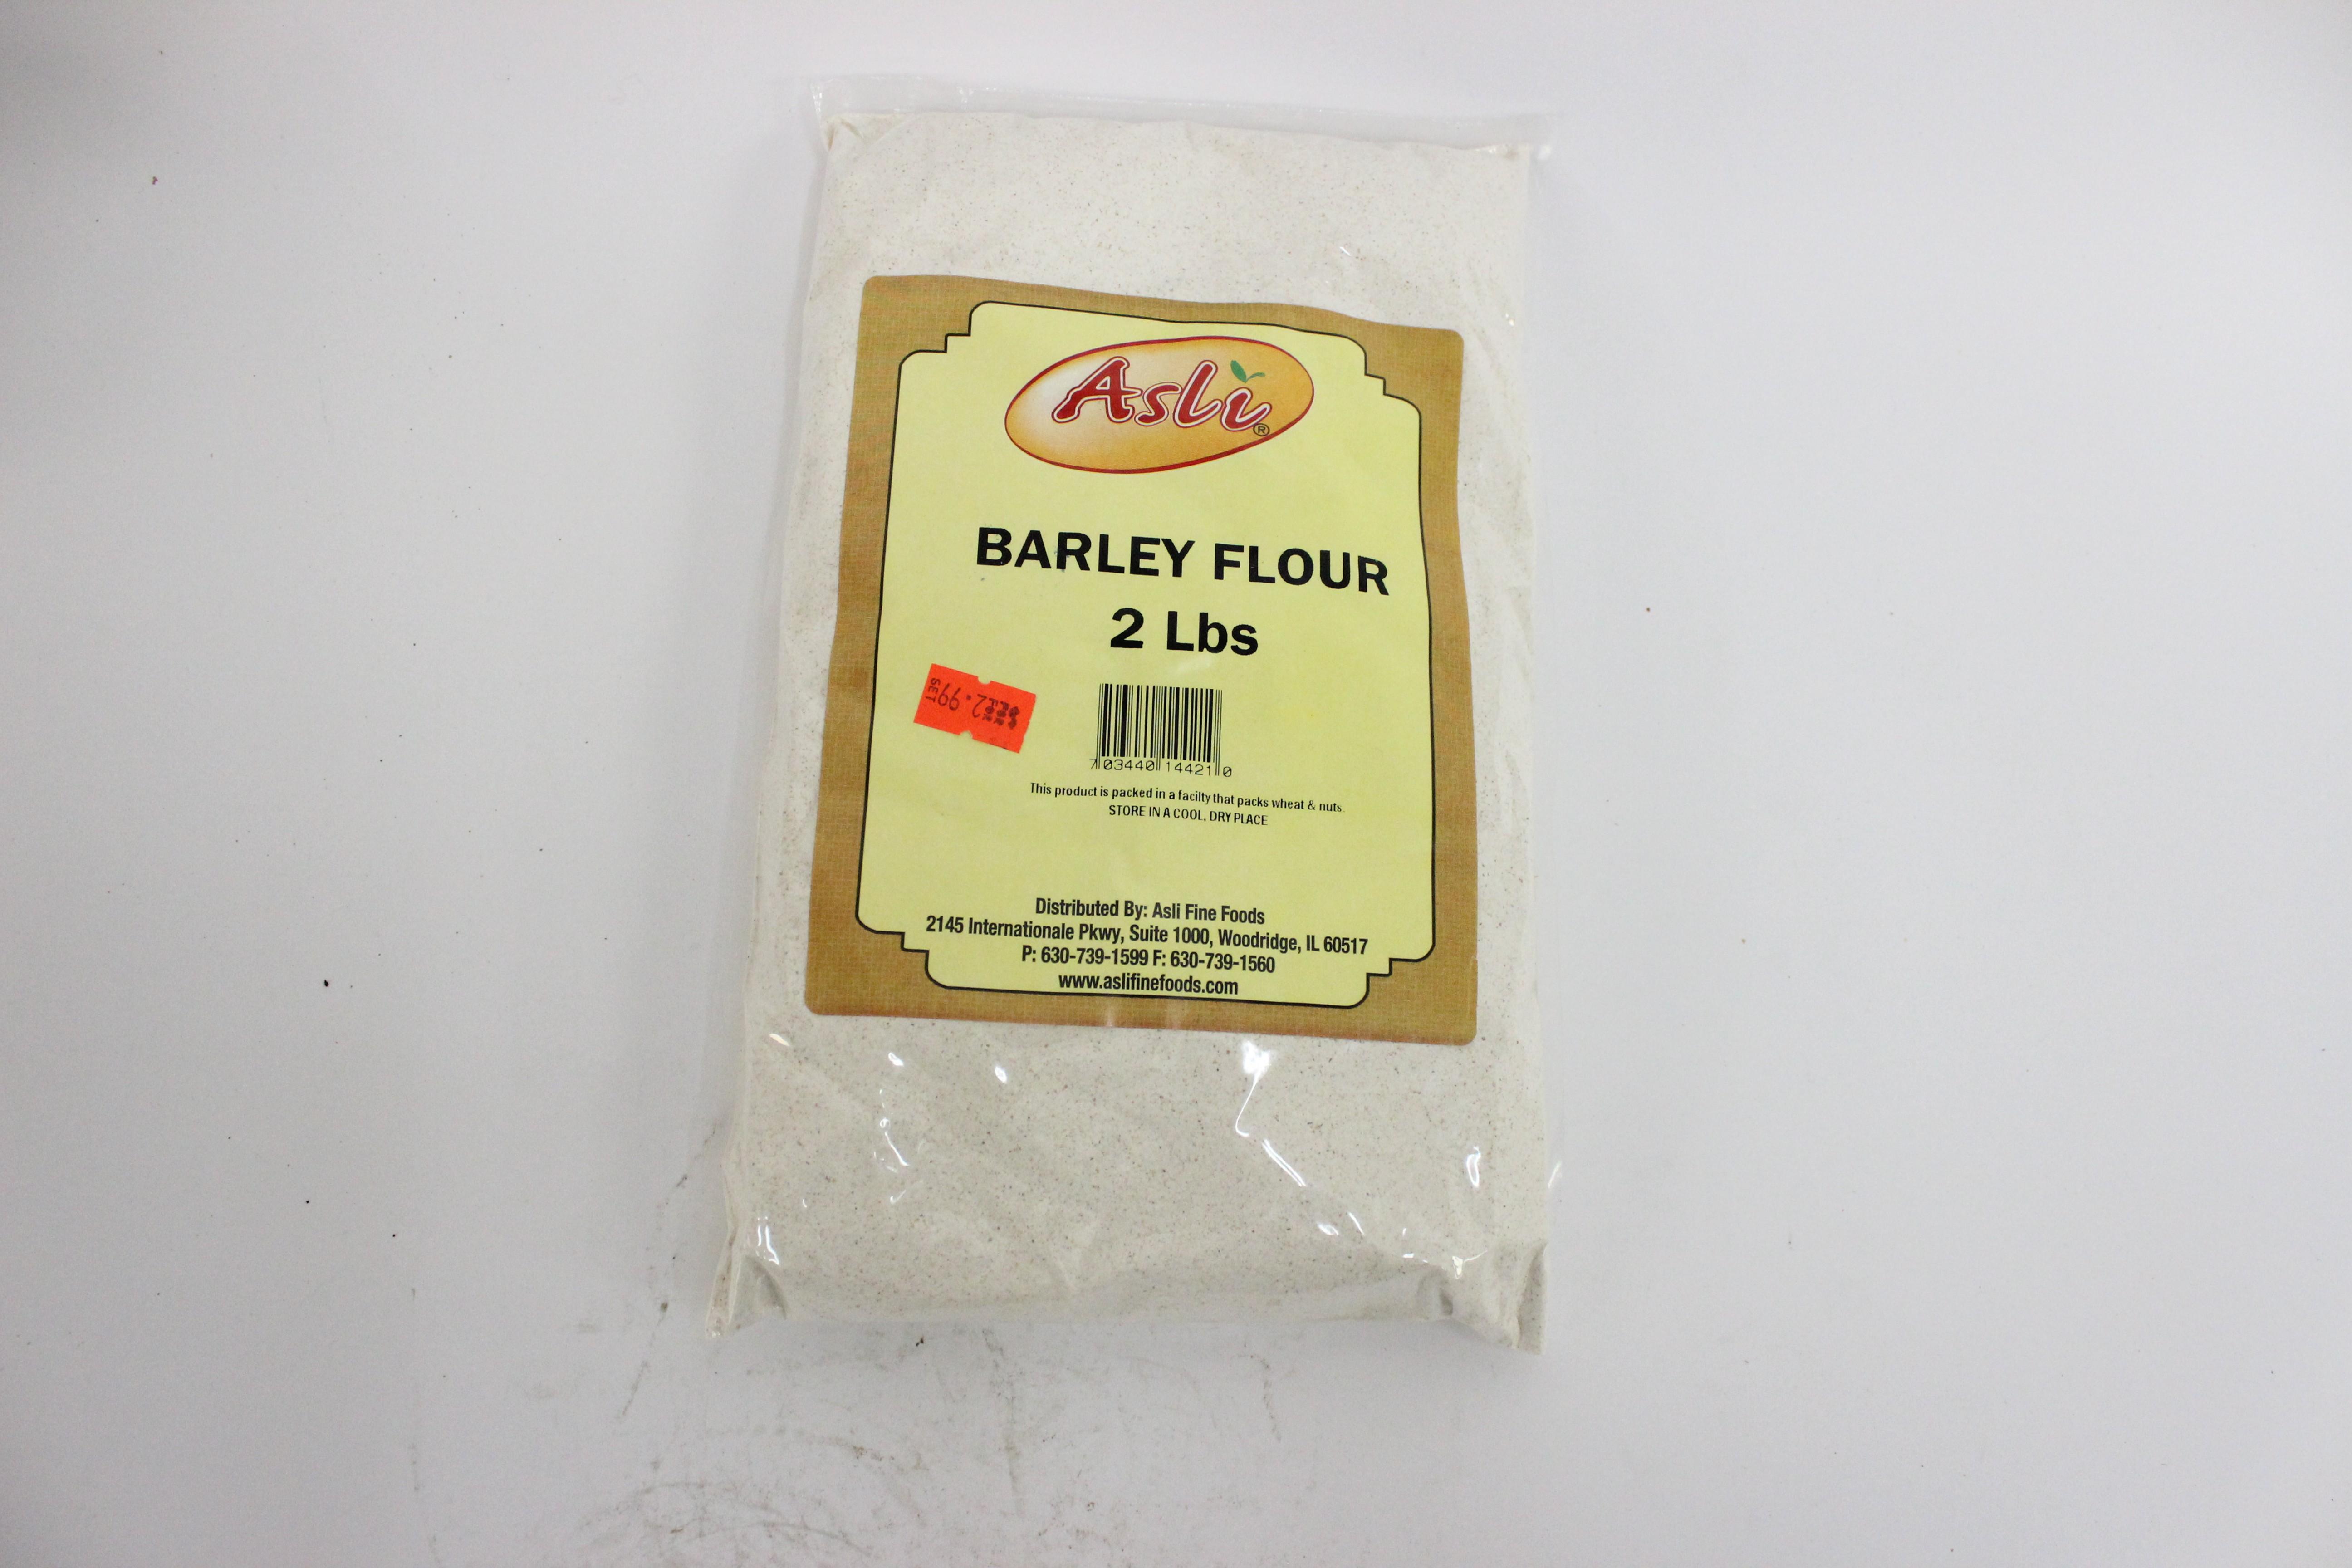 Barley Flour 2 lbs